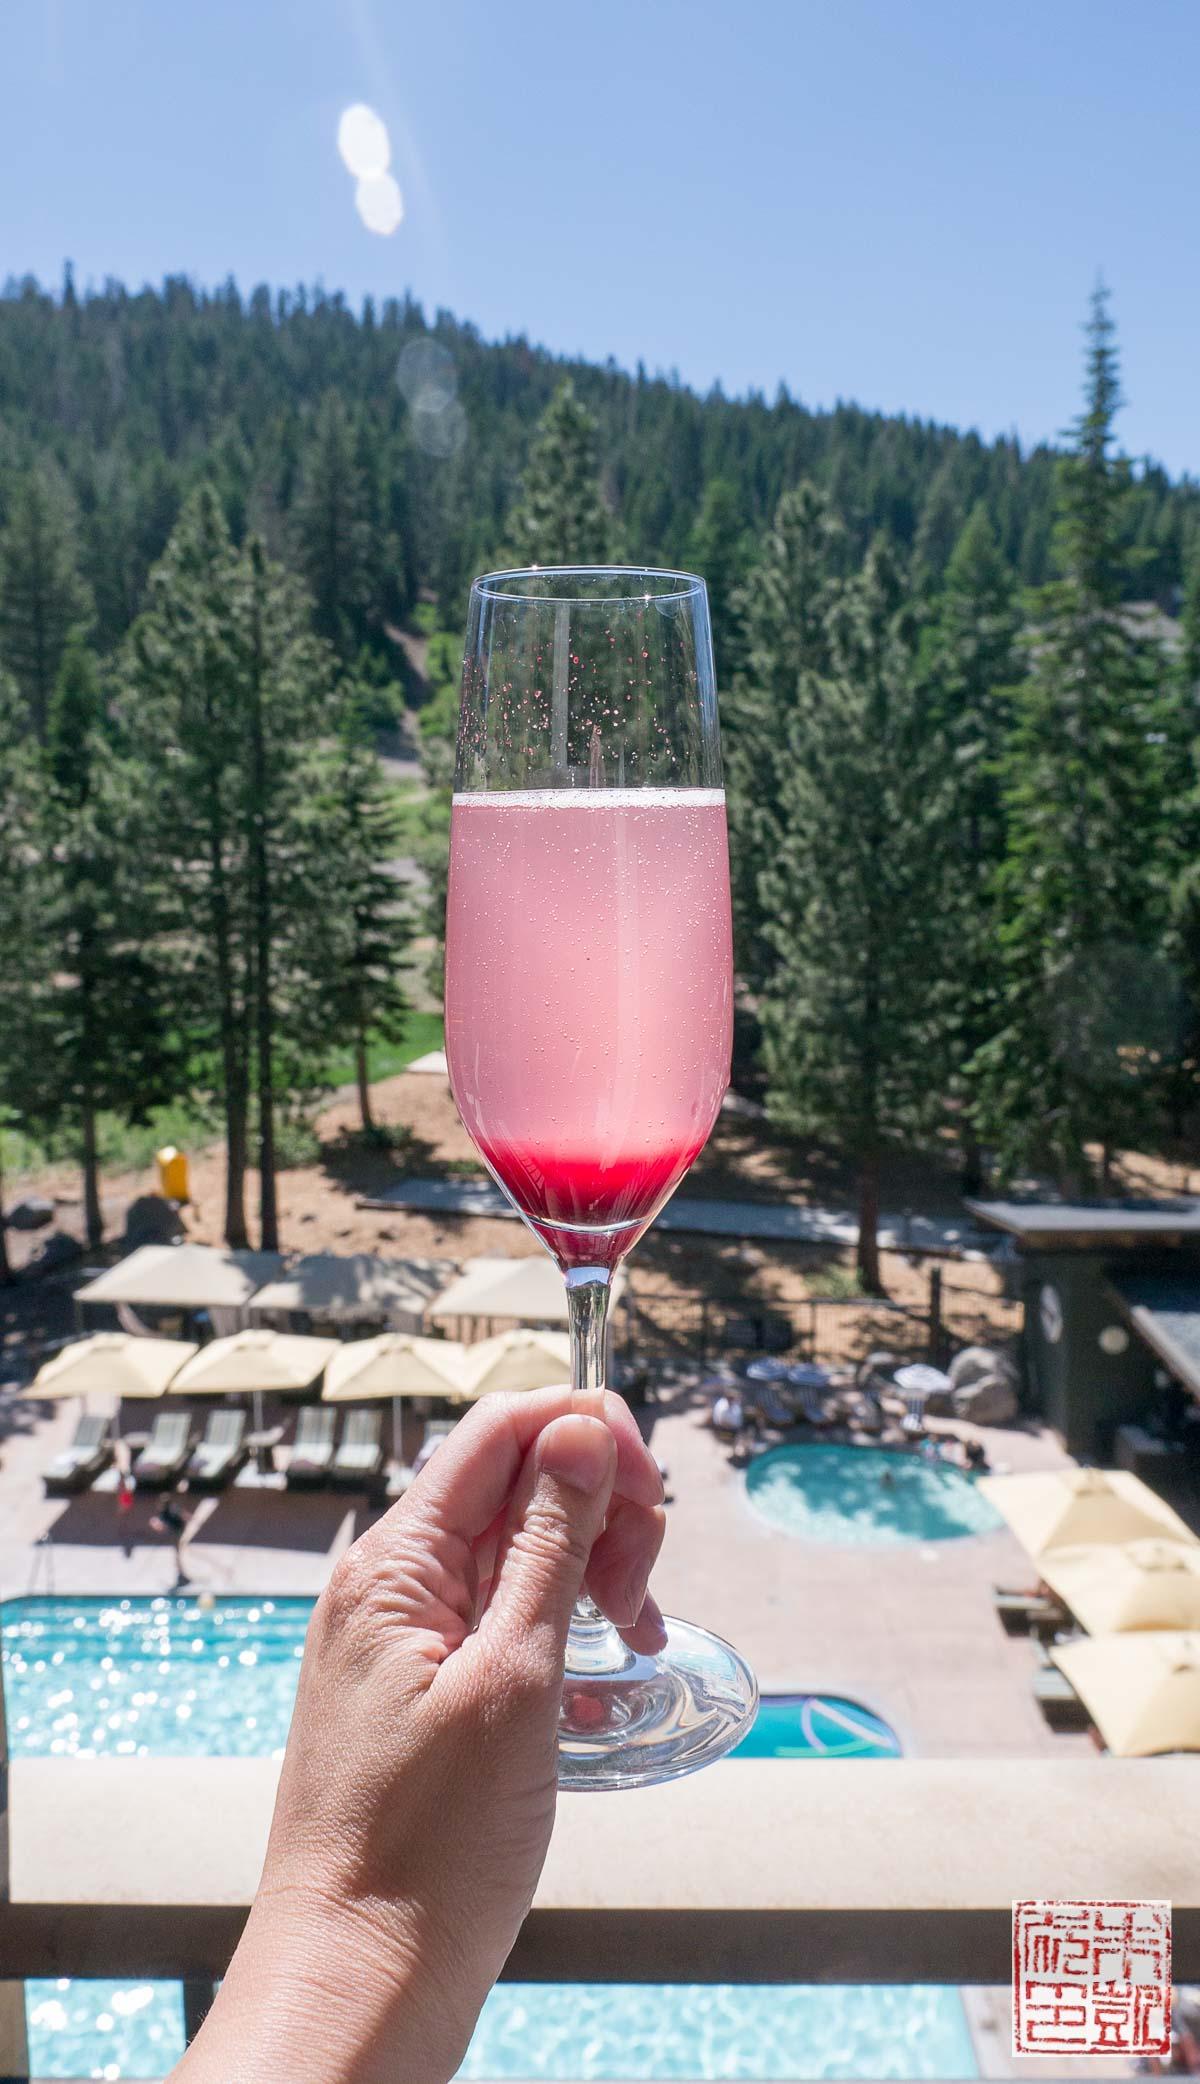 ritz-carlton-lake-tahoe-blueberry-champagne